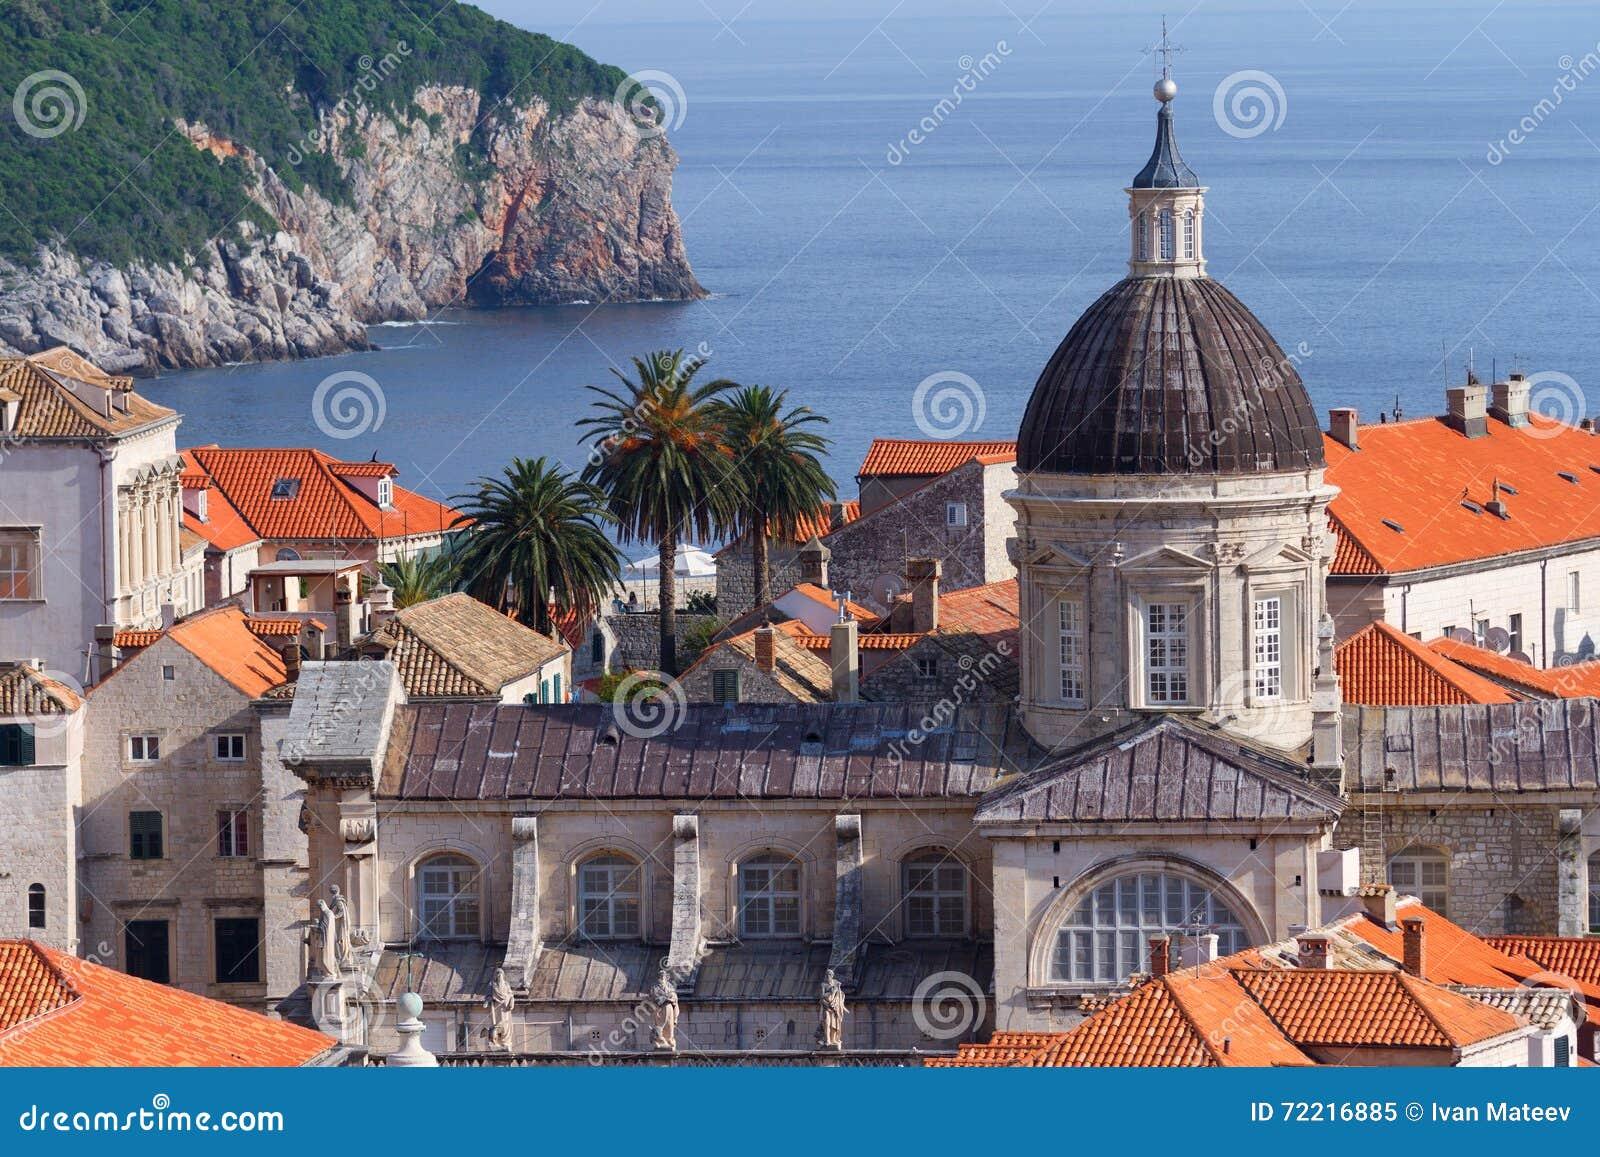 Churches in Dubrovnik, Croatia